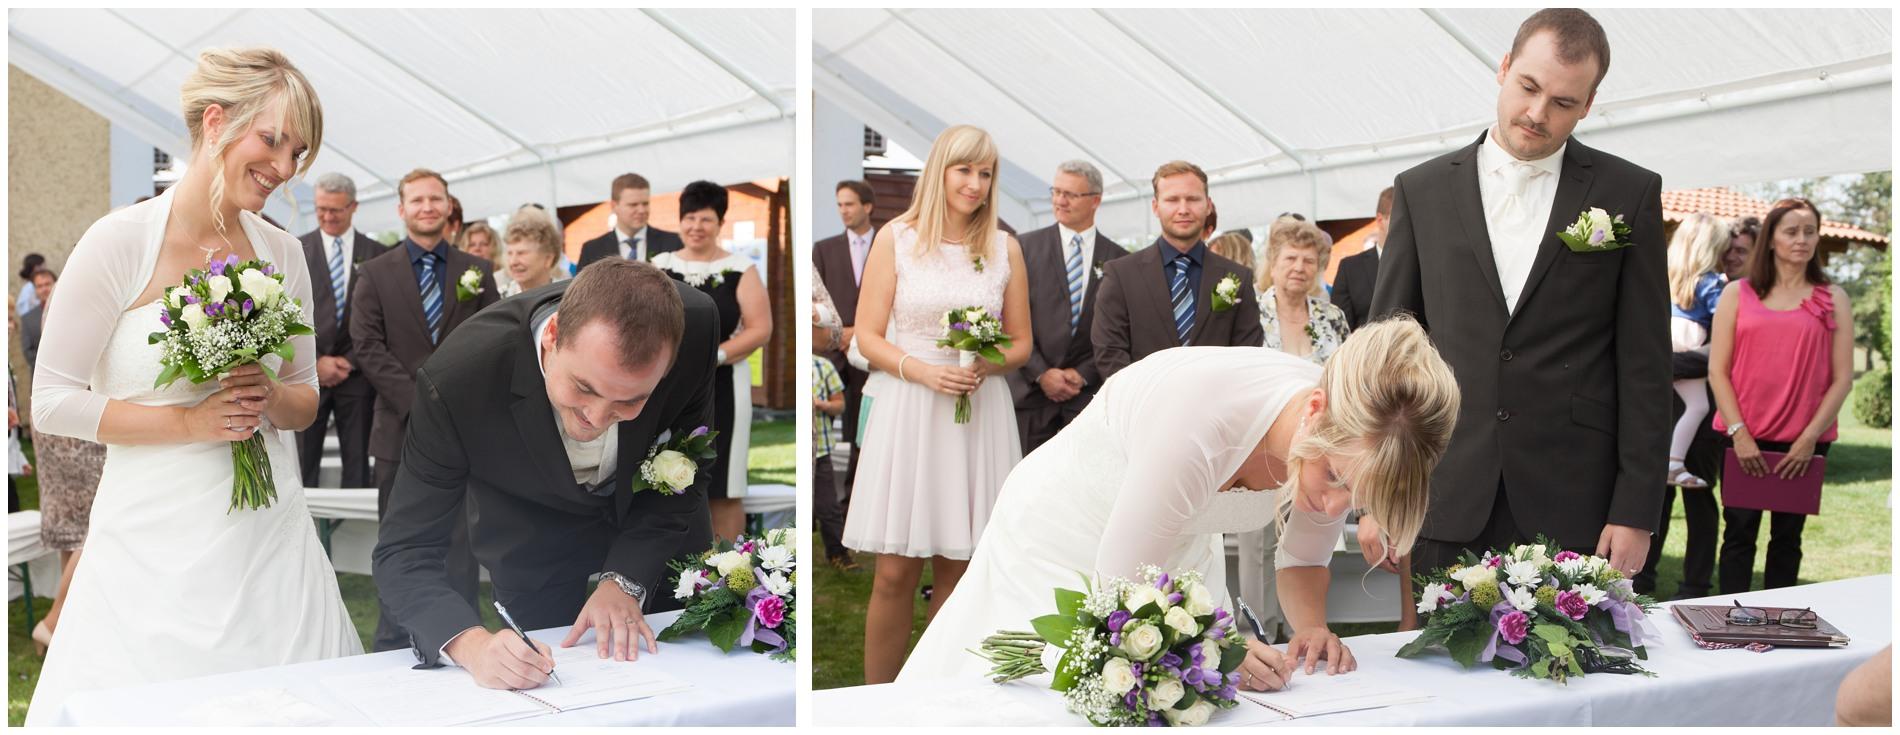 Englischsprachiger Hochzeitsfotograf in Thüringen